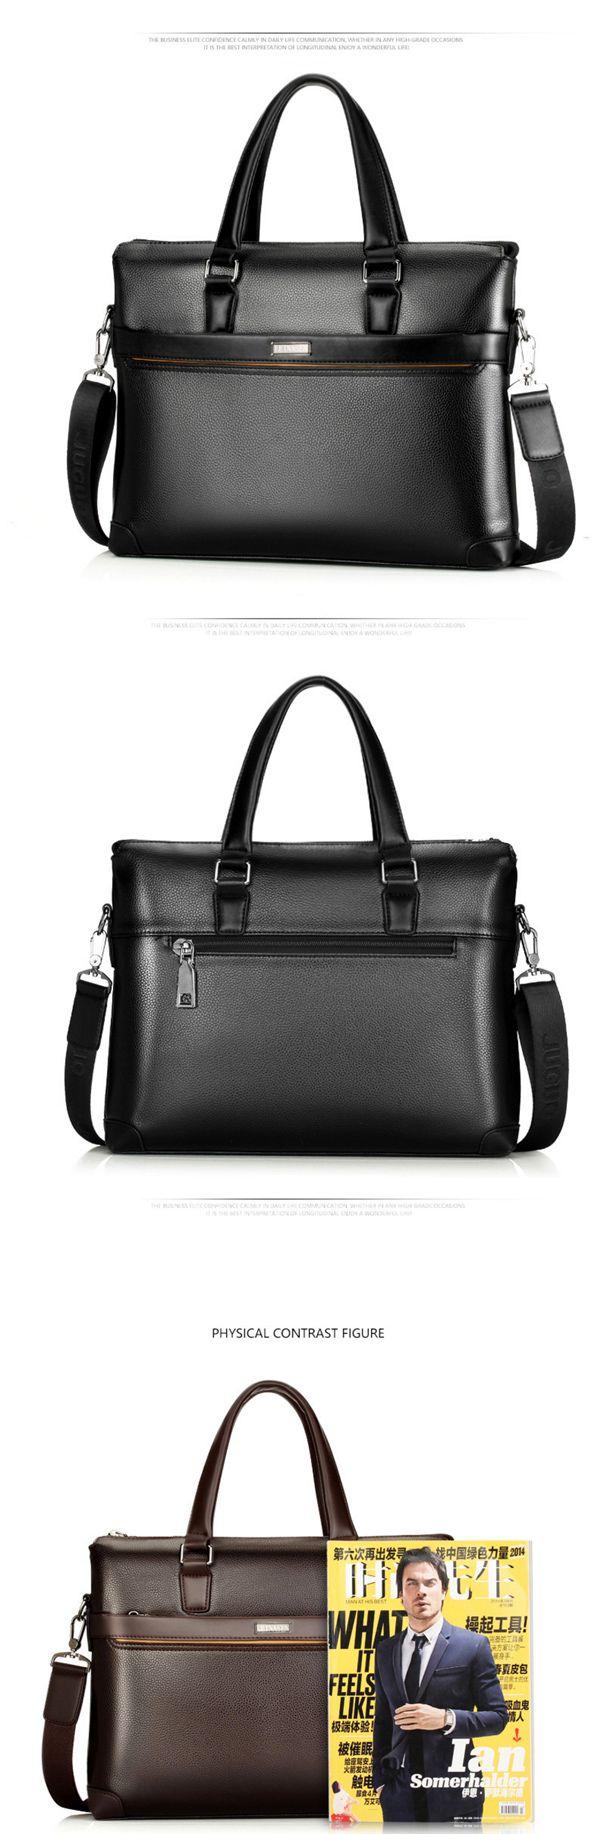 Men PU Leather Business Briefcase Laptop Bag Messenger Bag Handbag Work Bag